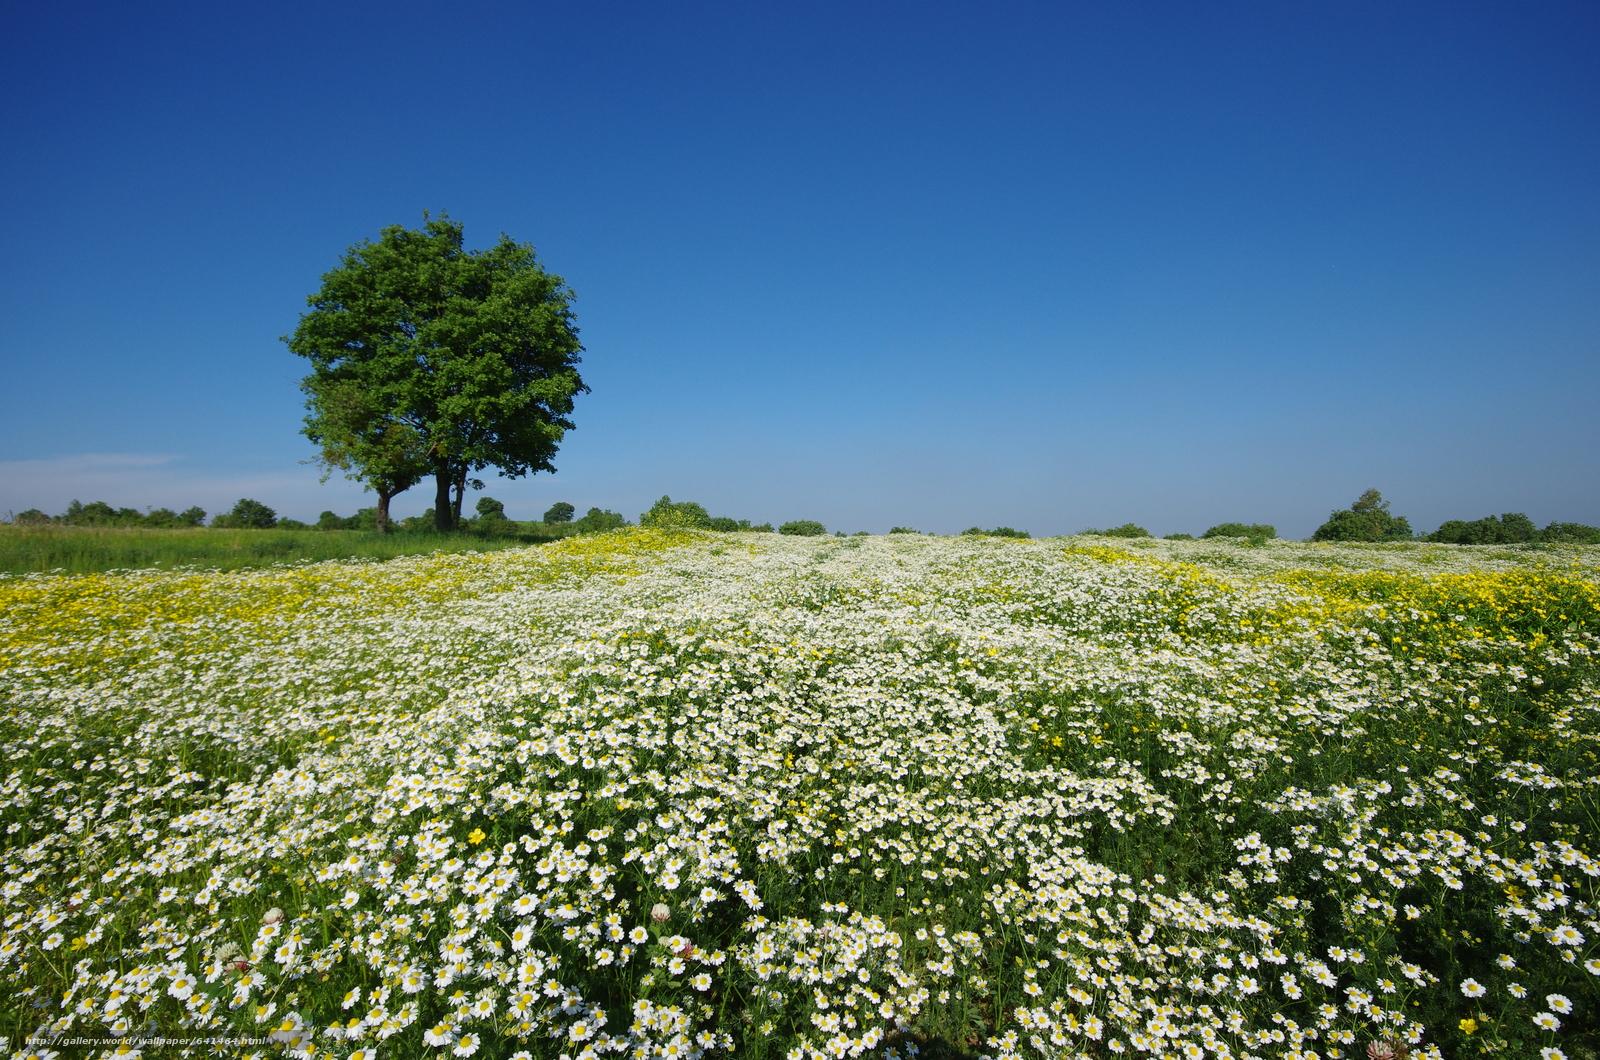 Download wallpaper field,  Flowers,  tree,  landscape free desktop wallpaper in the resolution 4928x3264 — picture №641464